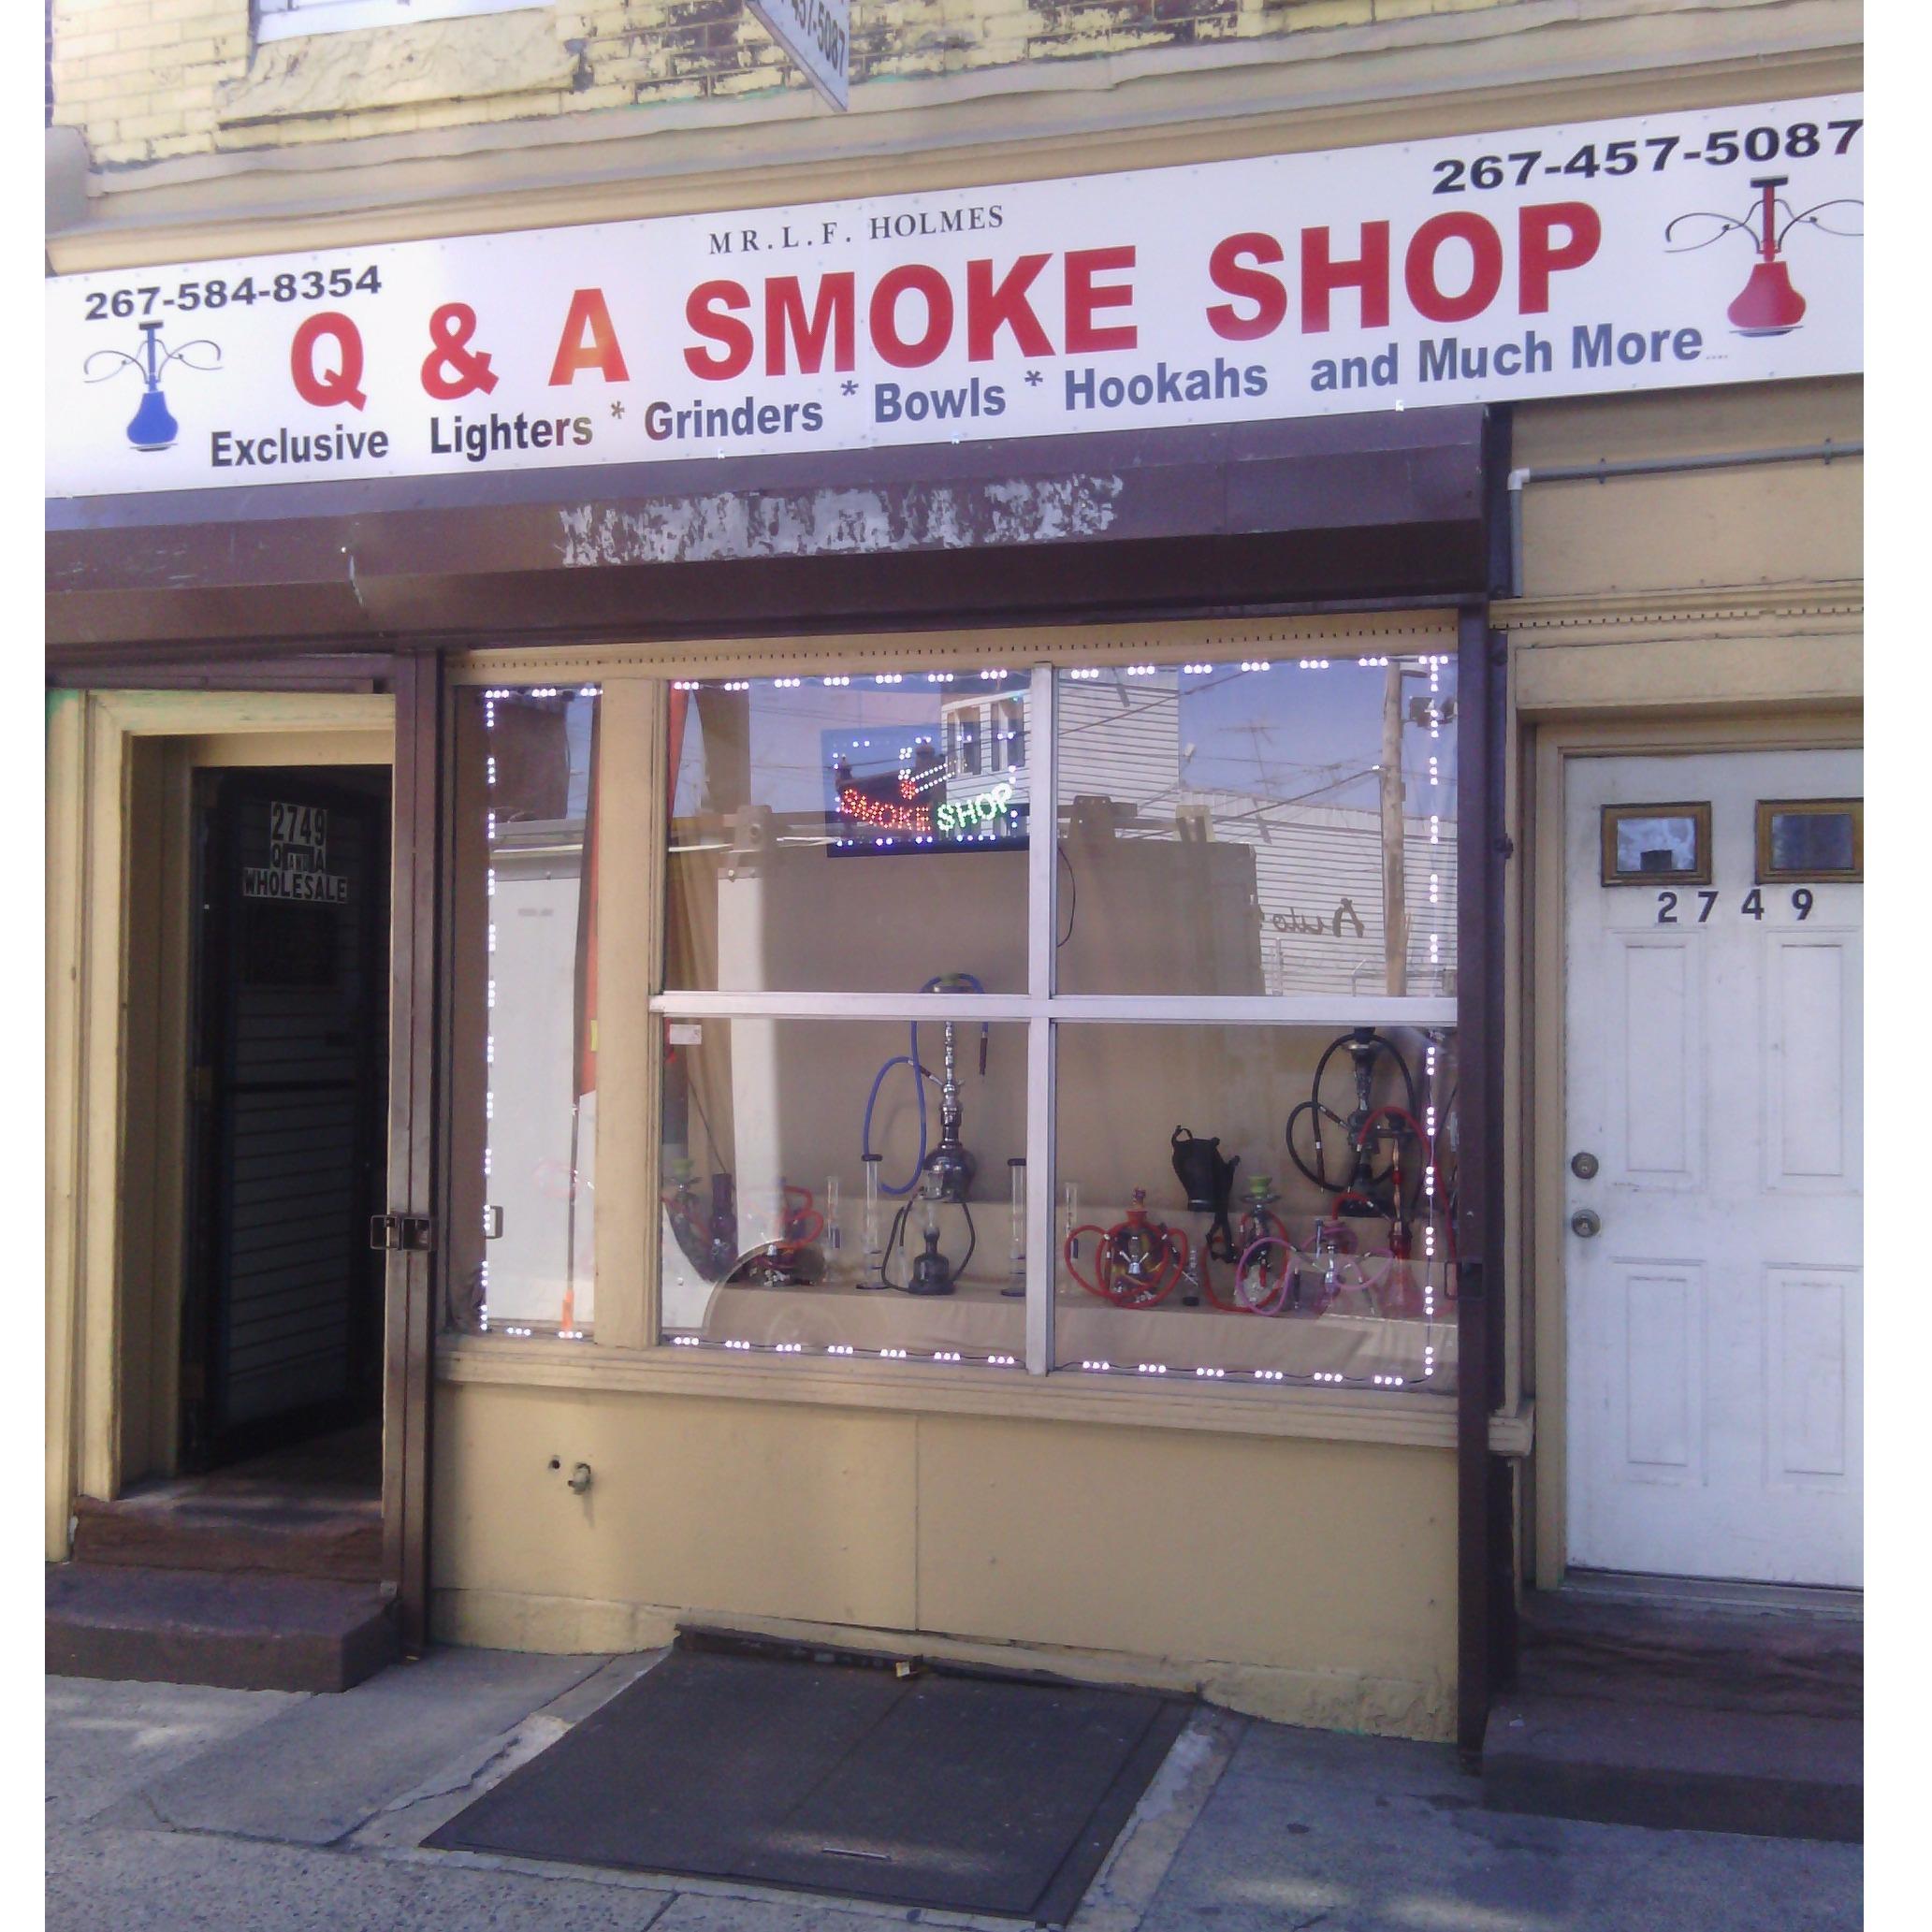 Q&A Wholesale Smoke Shop